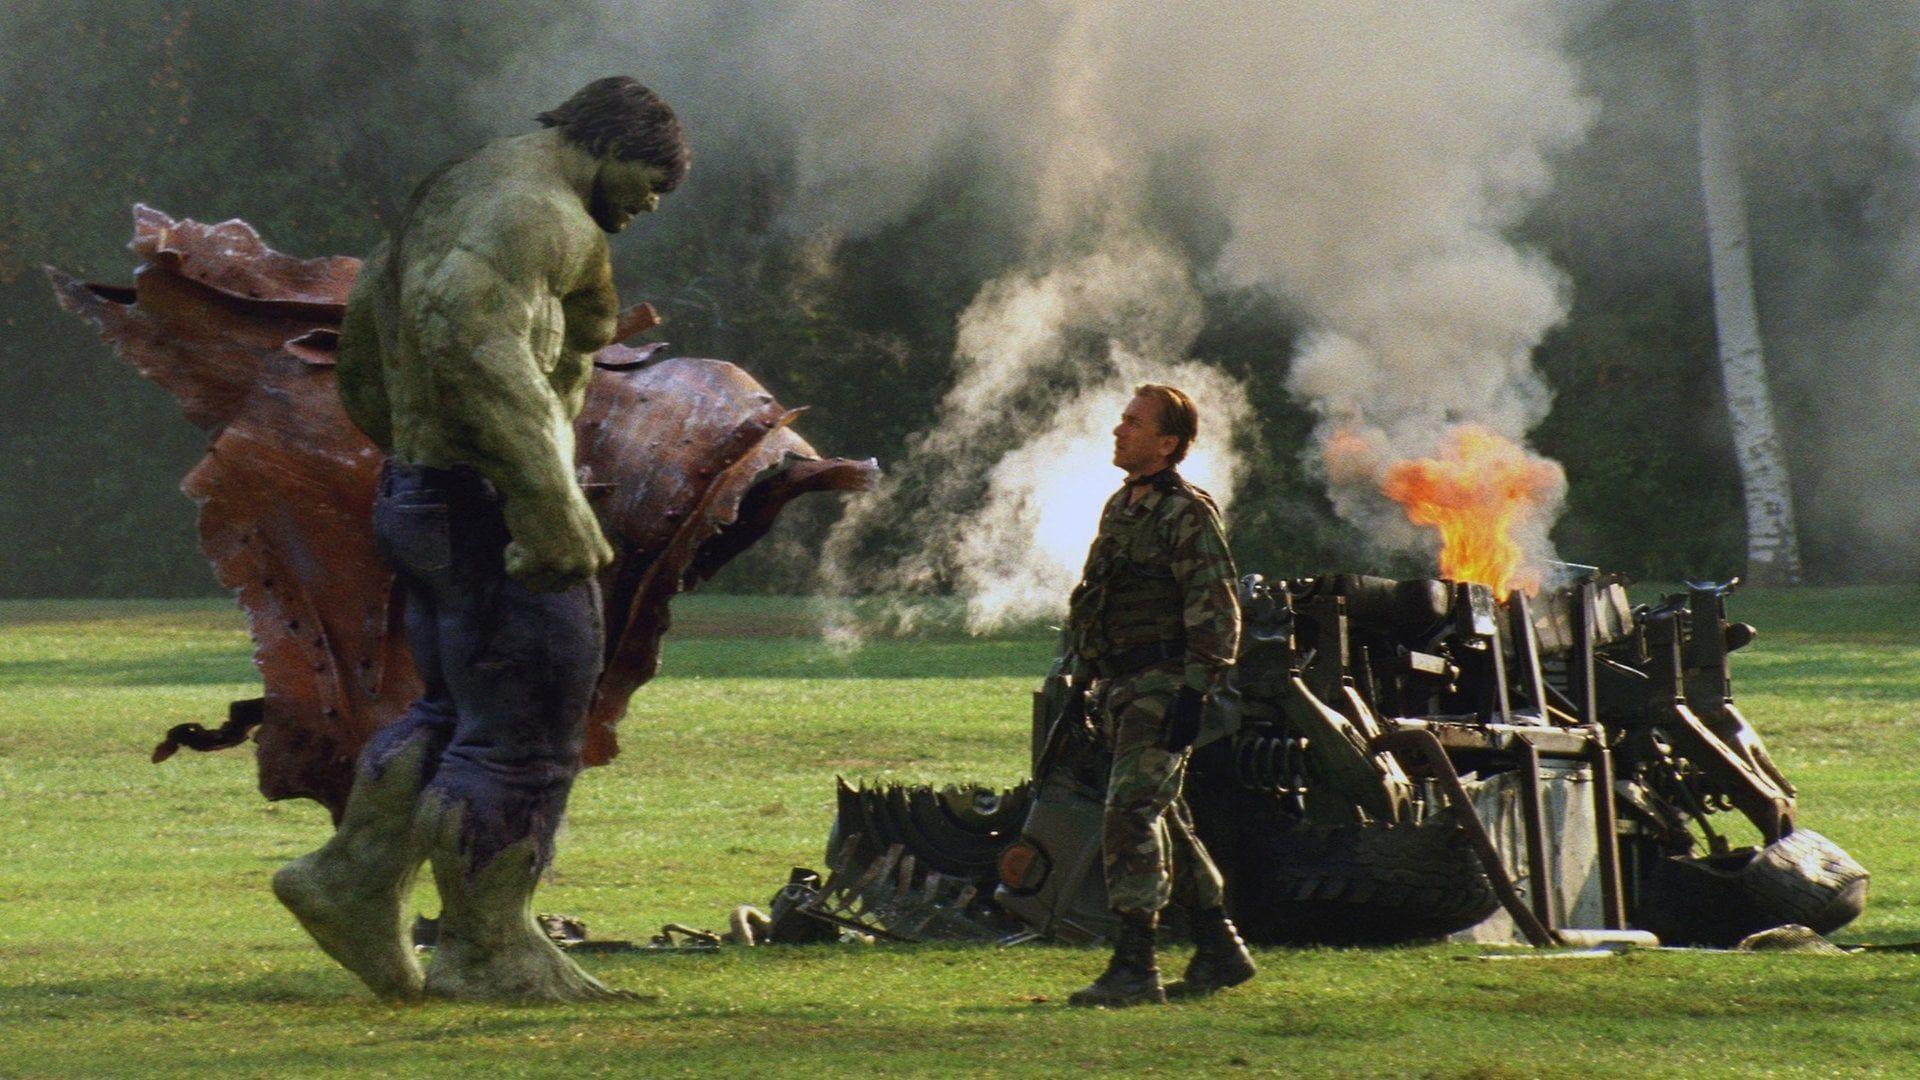 A Hihetetlen Hulk 2008 Online Teljes Film Filmek Magyarul Letoltes Hd Bruce Banner A Tudos The Incredible Hulk 2008 The Incredible Hulk Movie Incredible Hulk